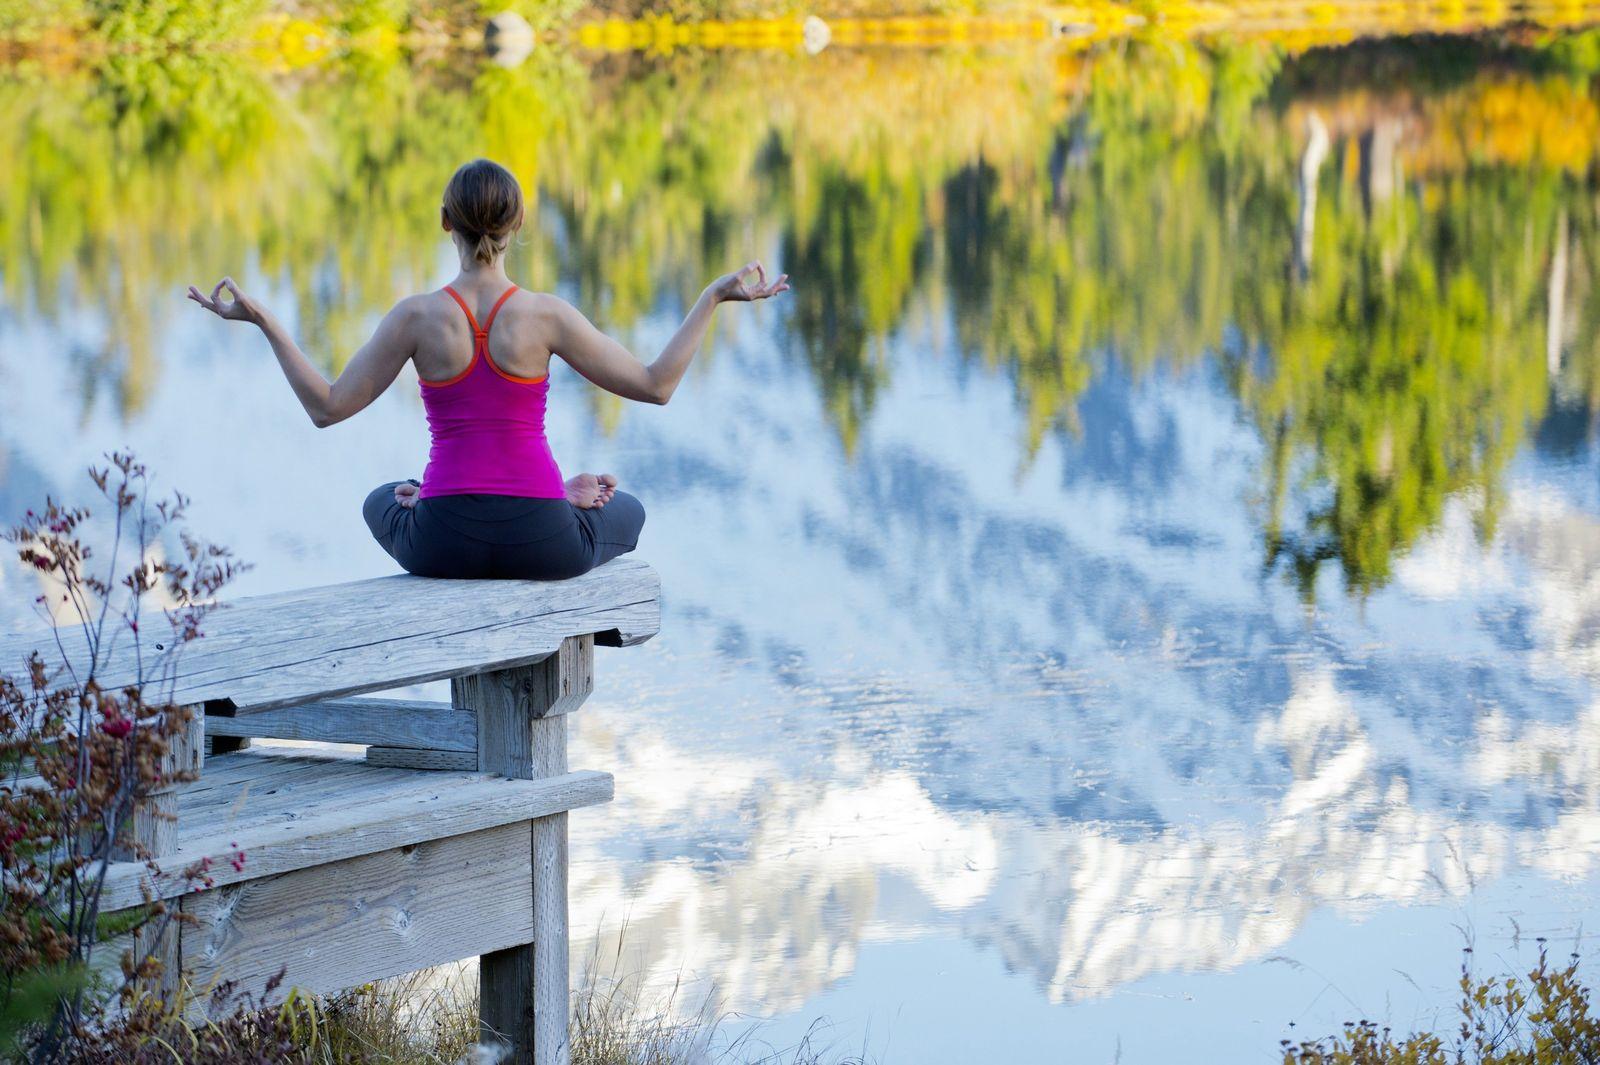 NICHT MEHR VERWENDEN! - Symbolbild Meditation/ Aufmerksamkeit